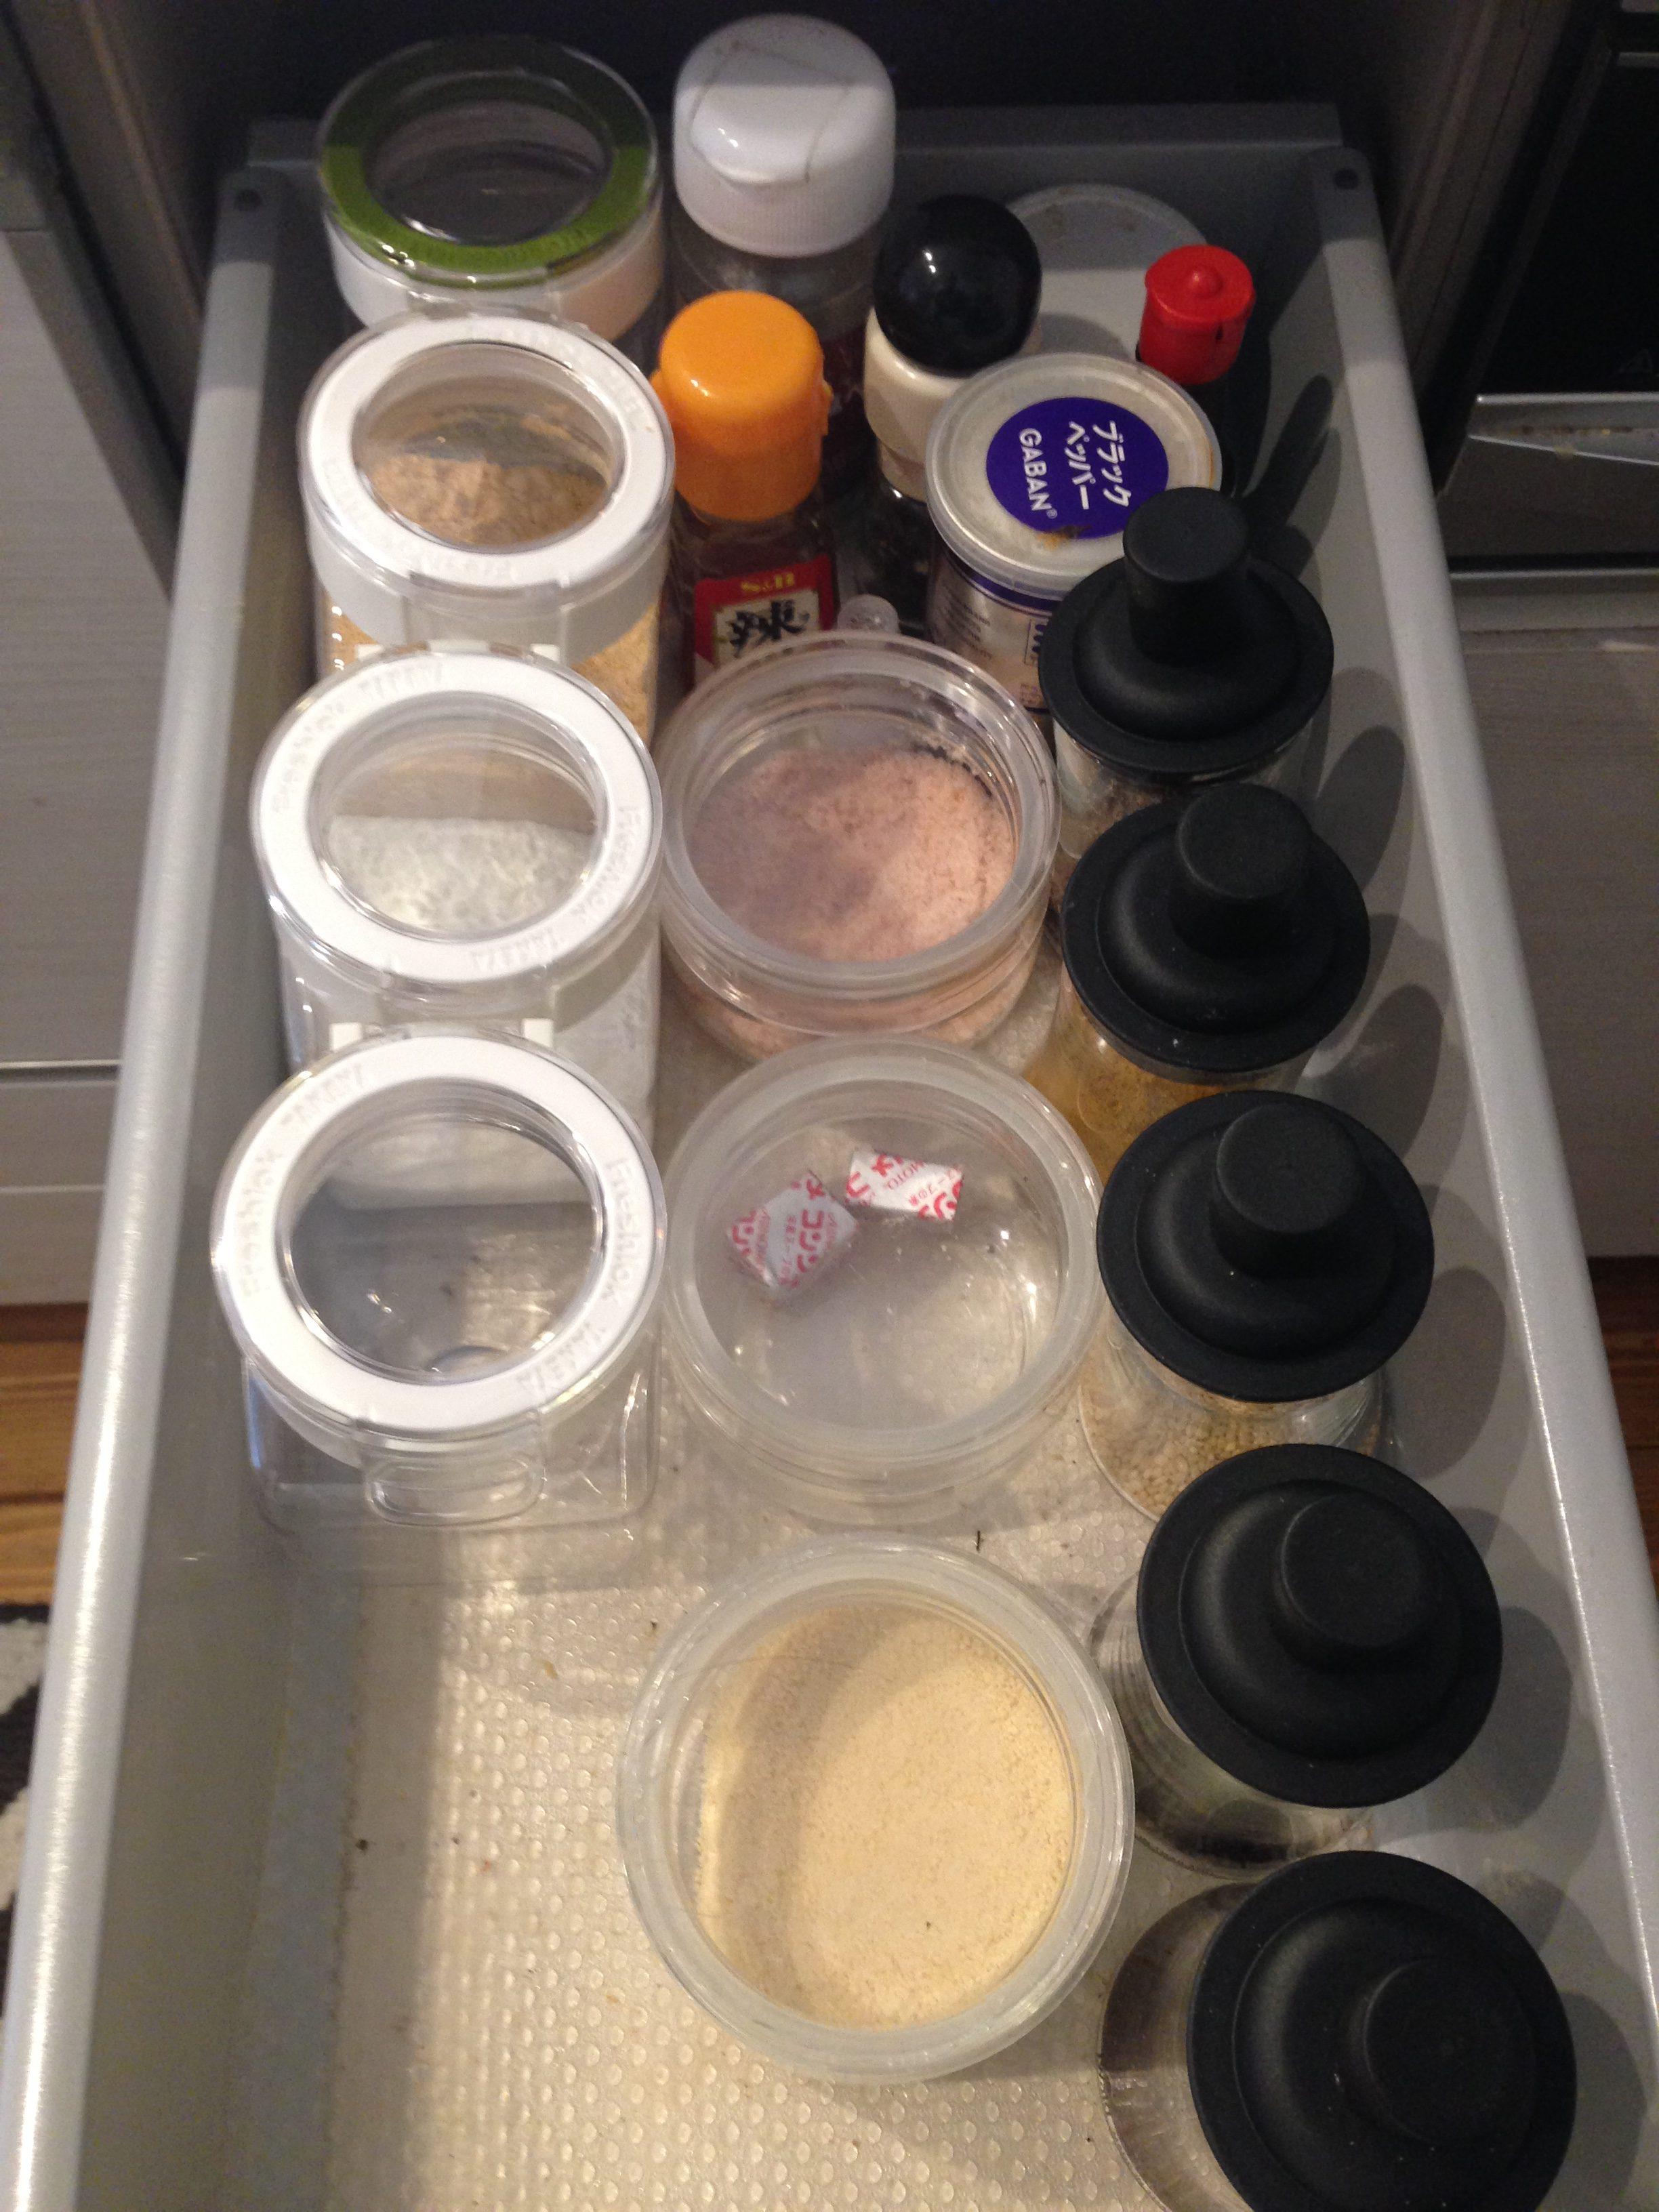 【キッチン調味料収納】フレッシュロック300とIwaki ふりかけボトルを使った調味料収納